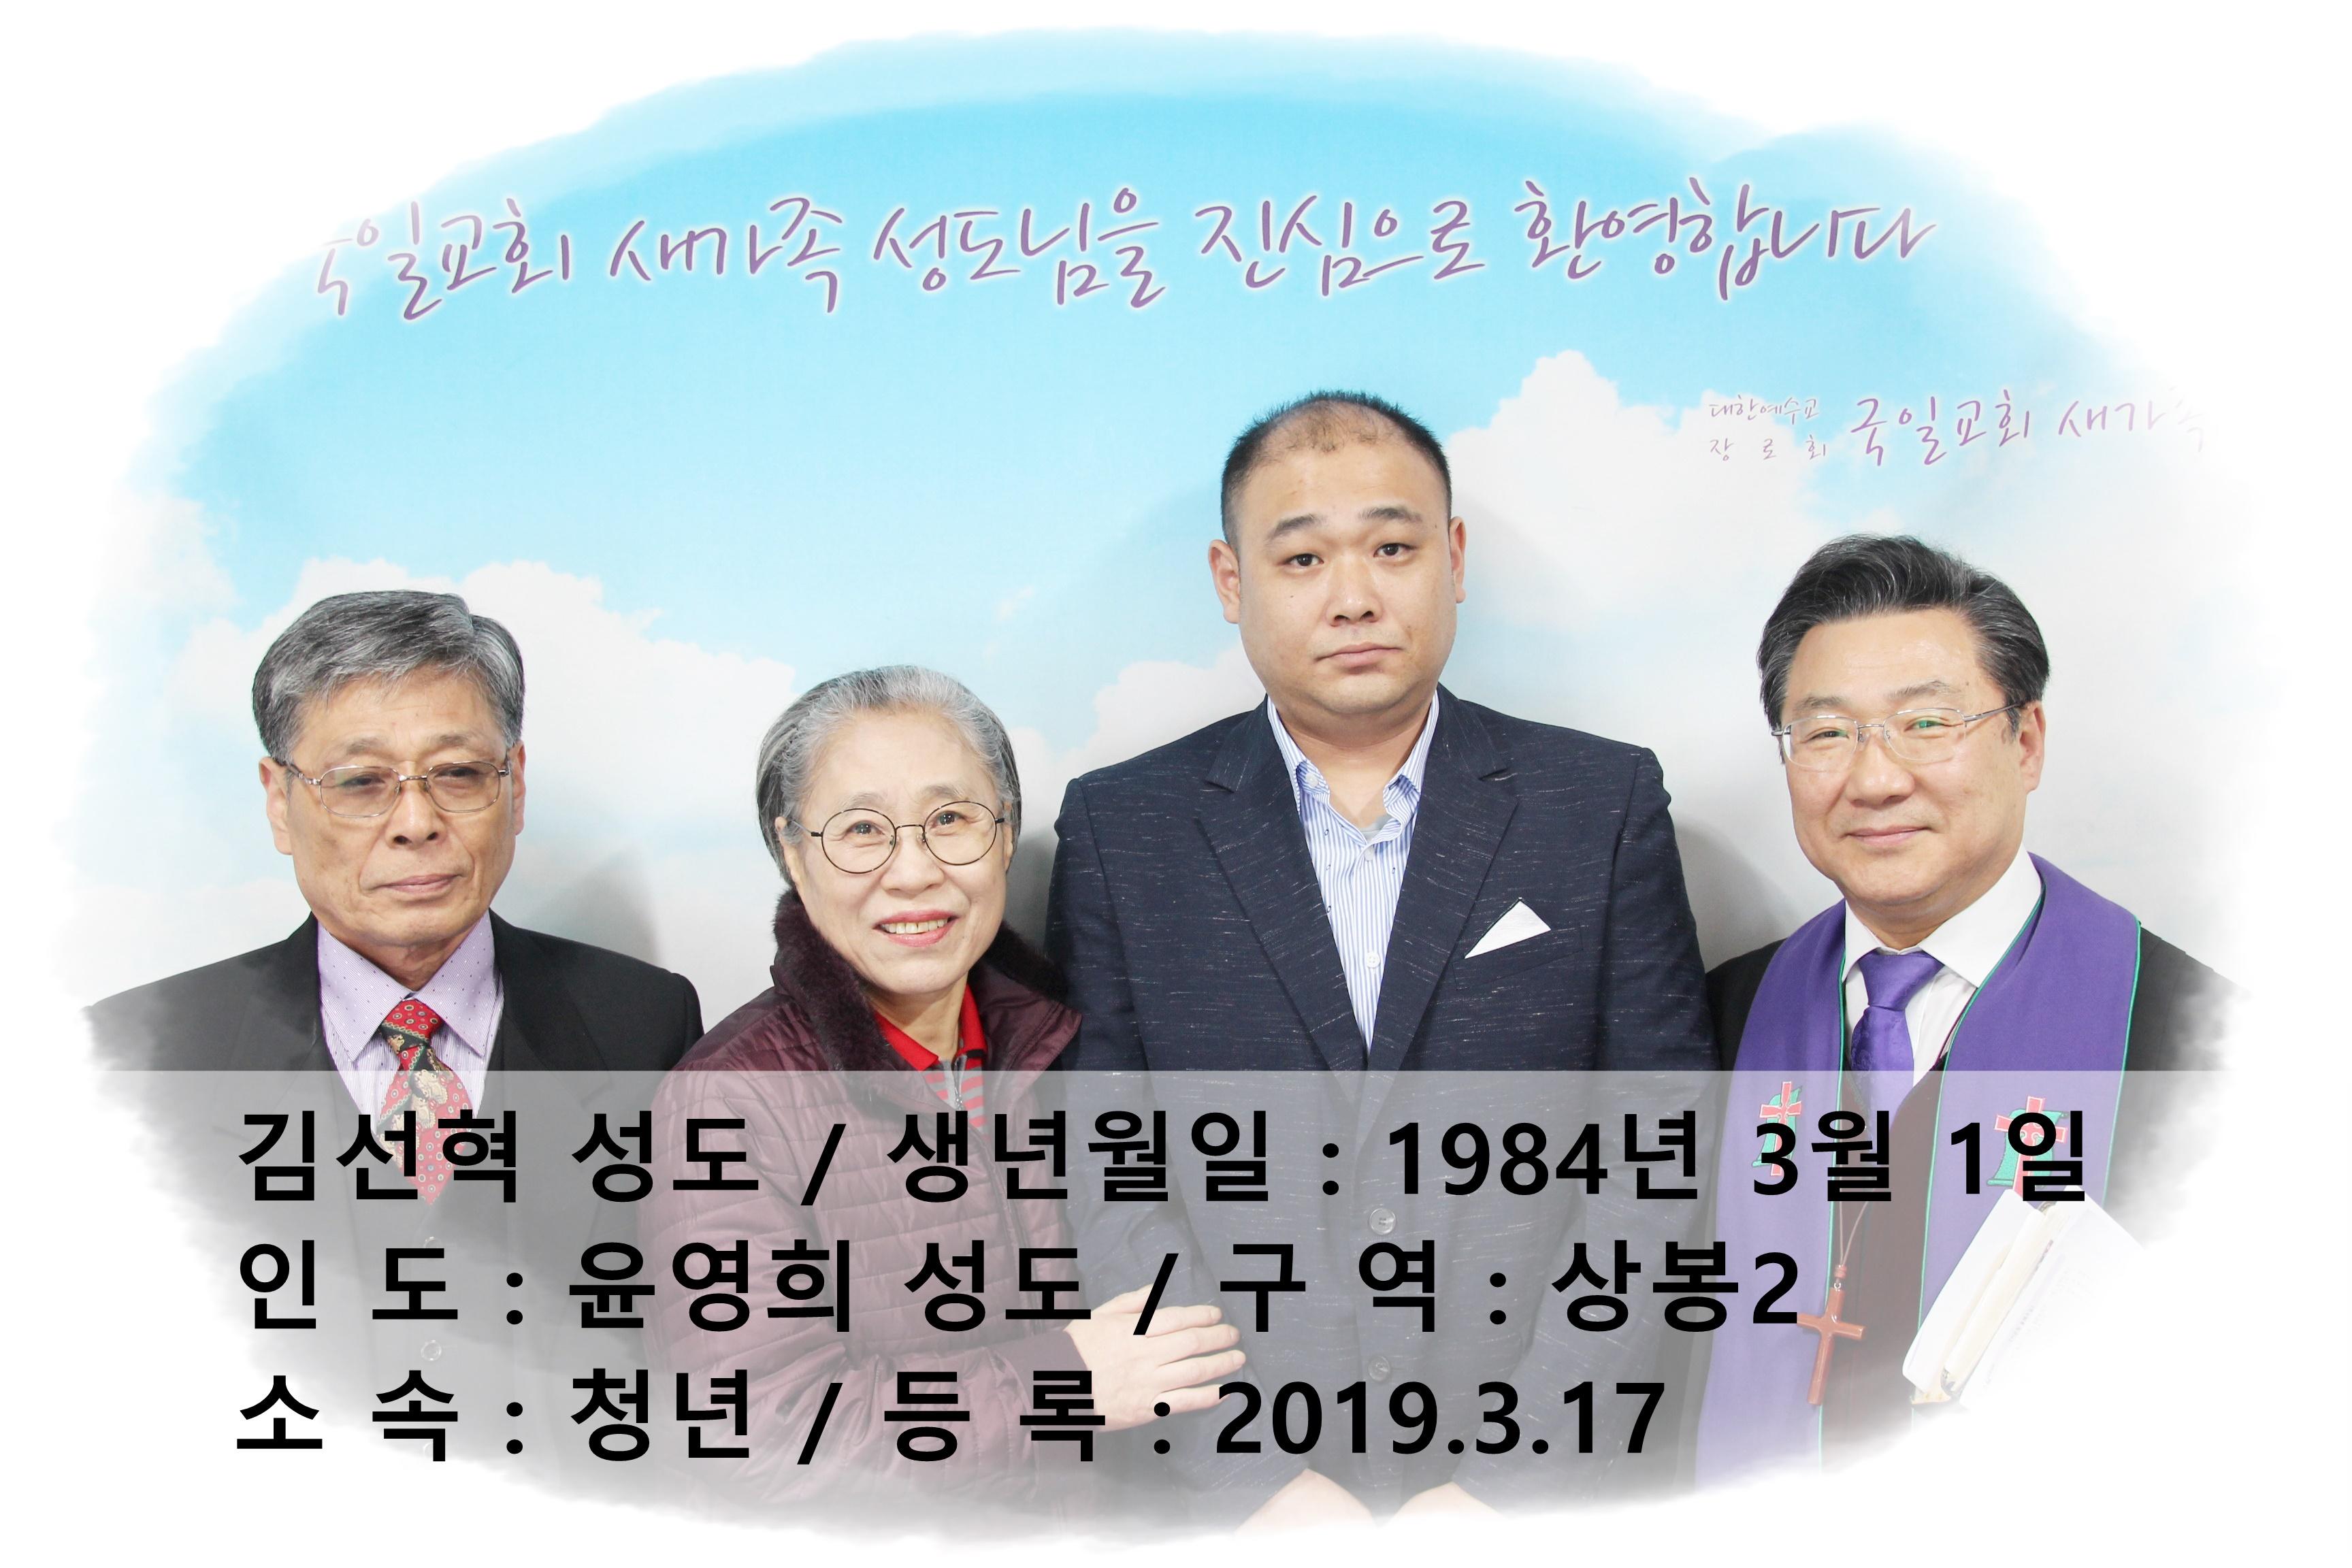 3월 17일 김선혁 성도.jpg